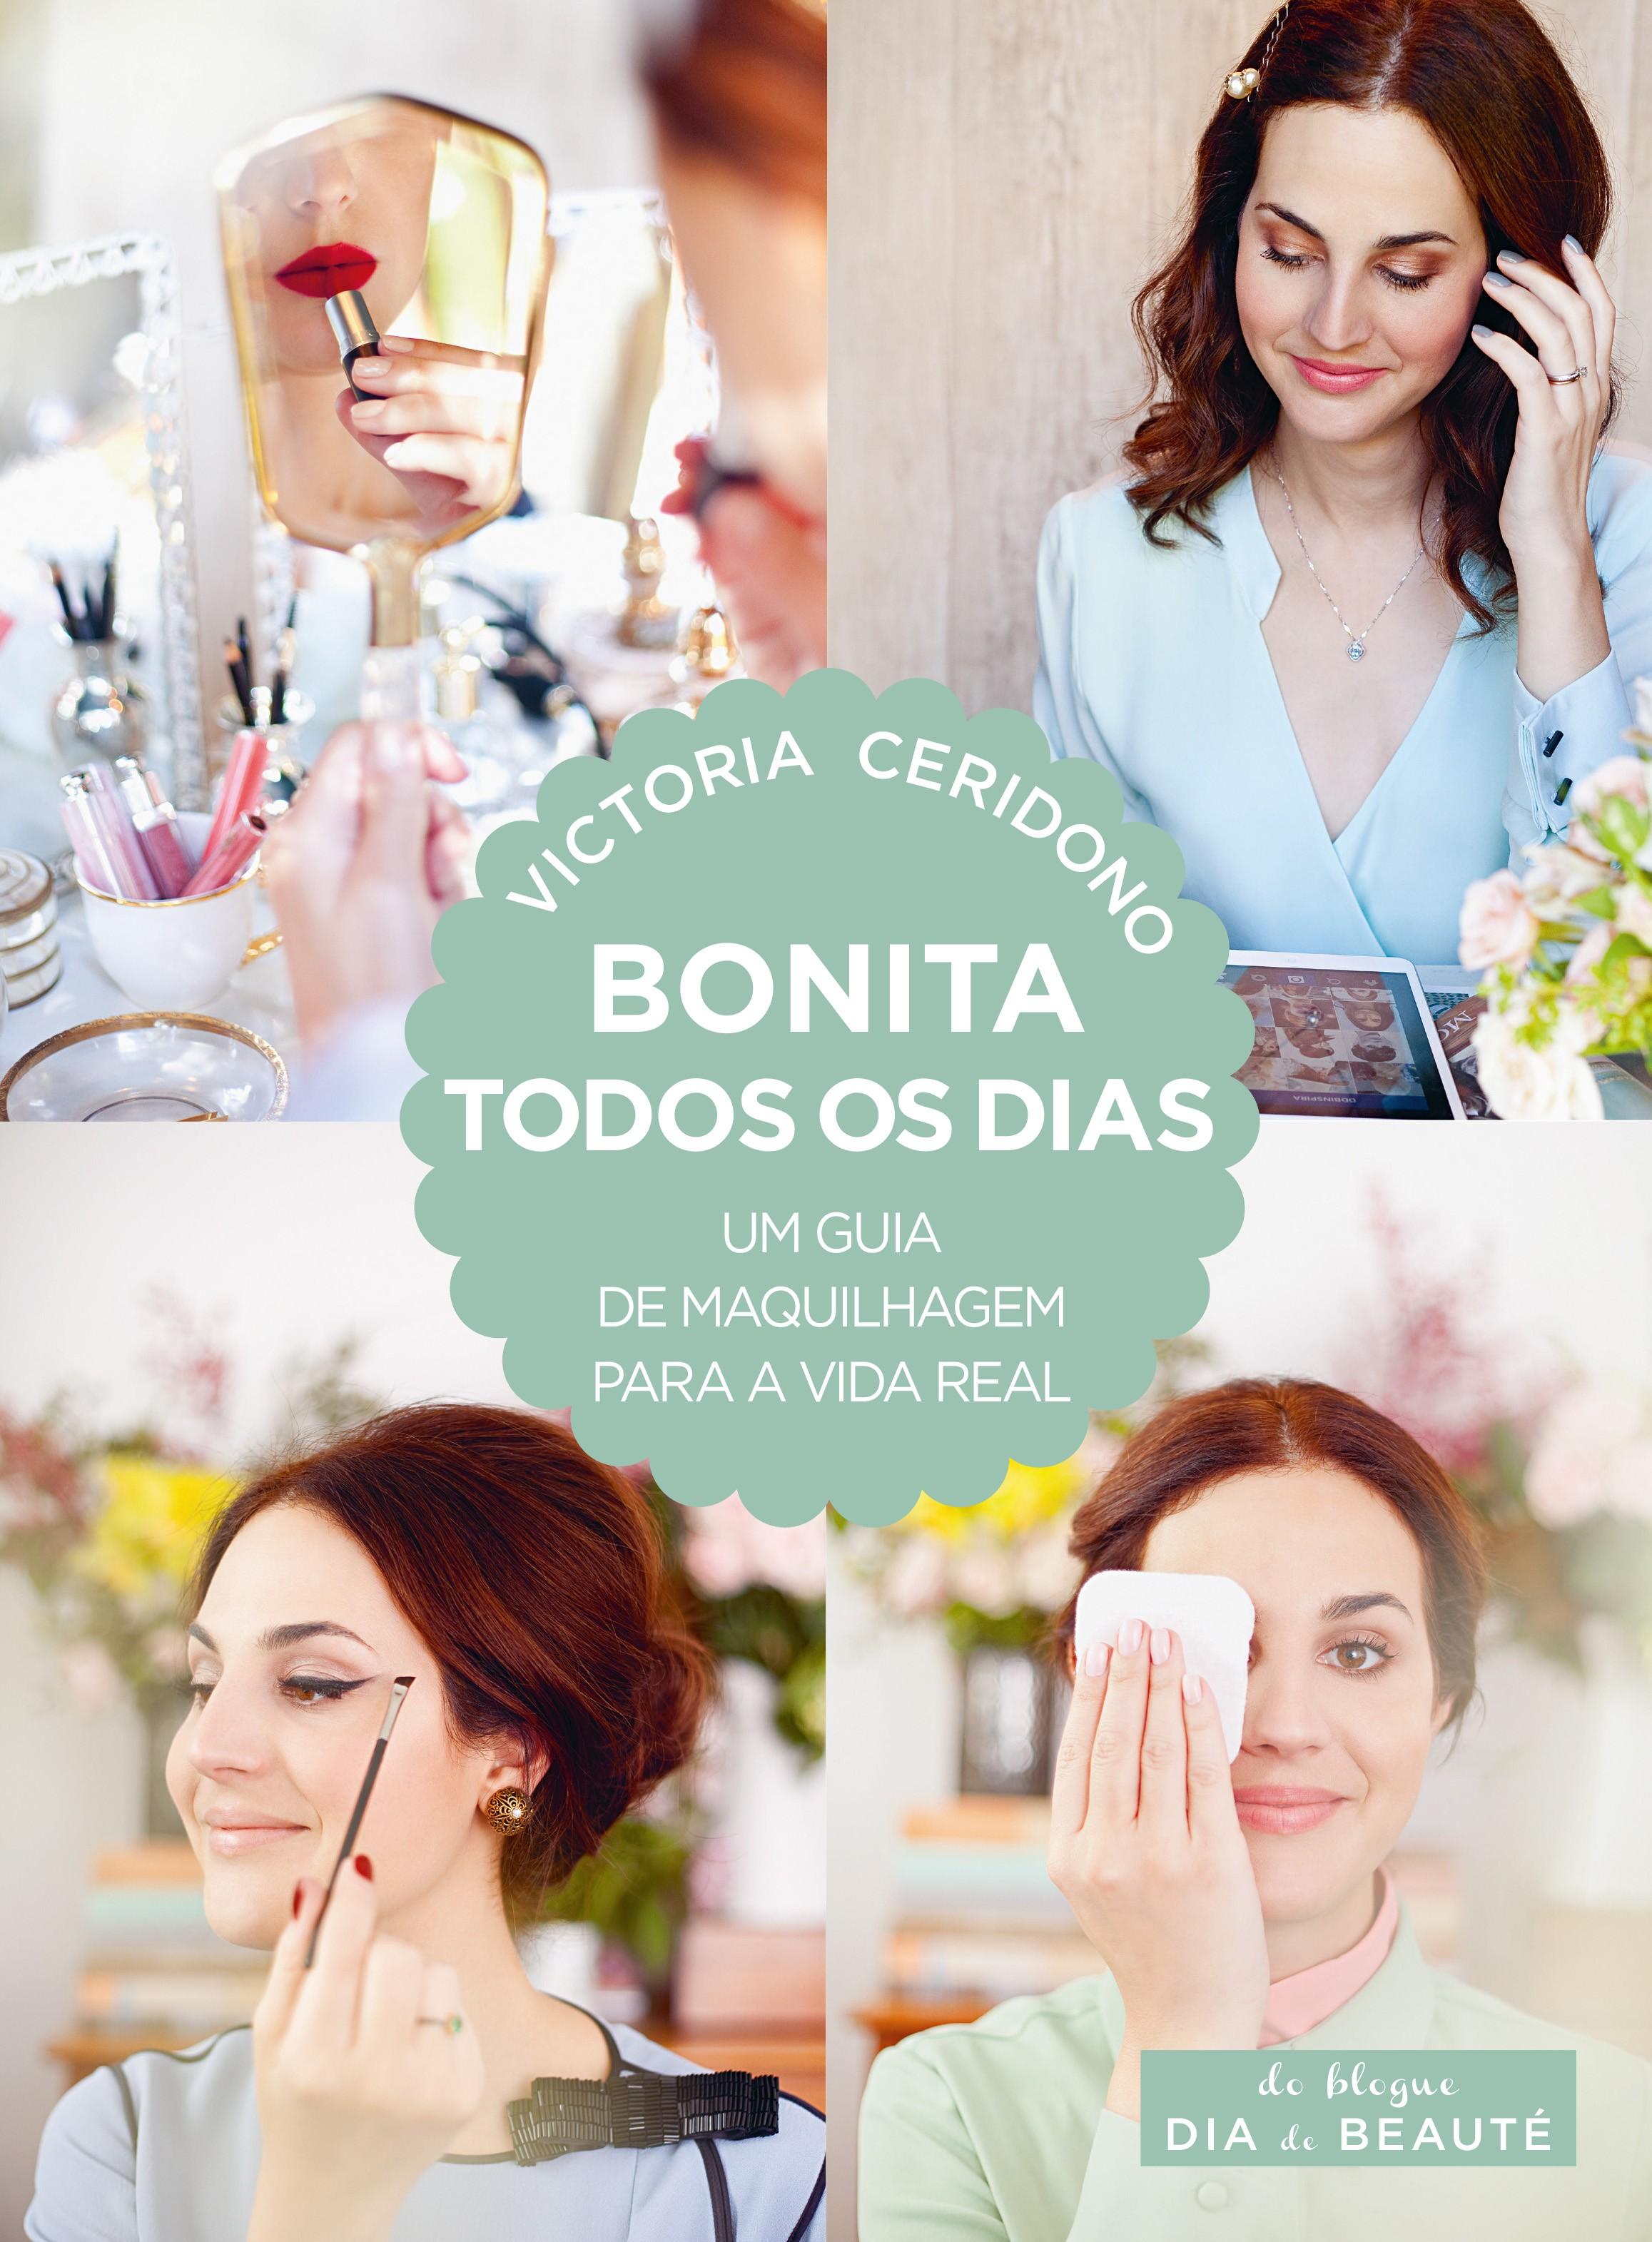 Dia de beauté: Um guia de maquiagem para a vida real R$ 35 (Foto: Reprodução)